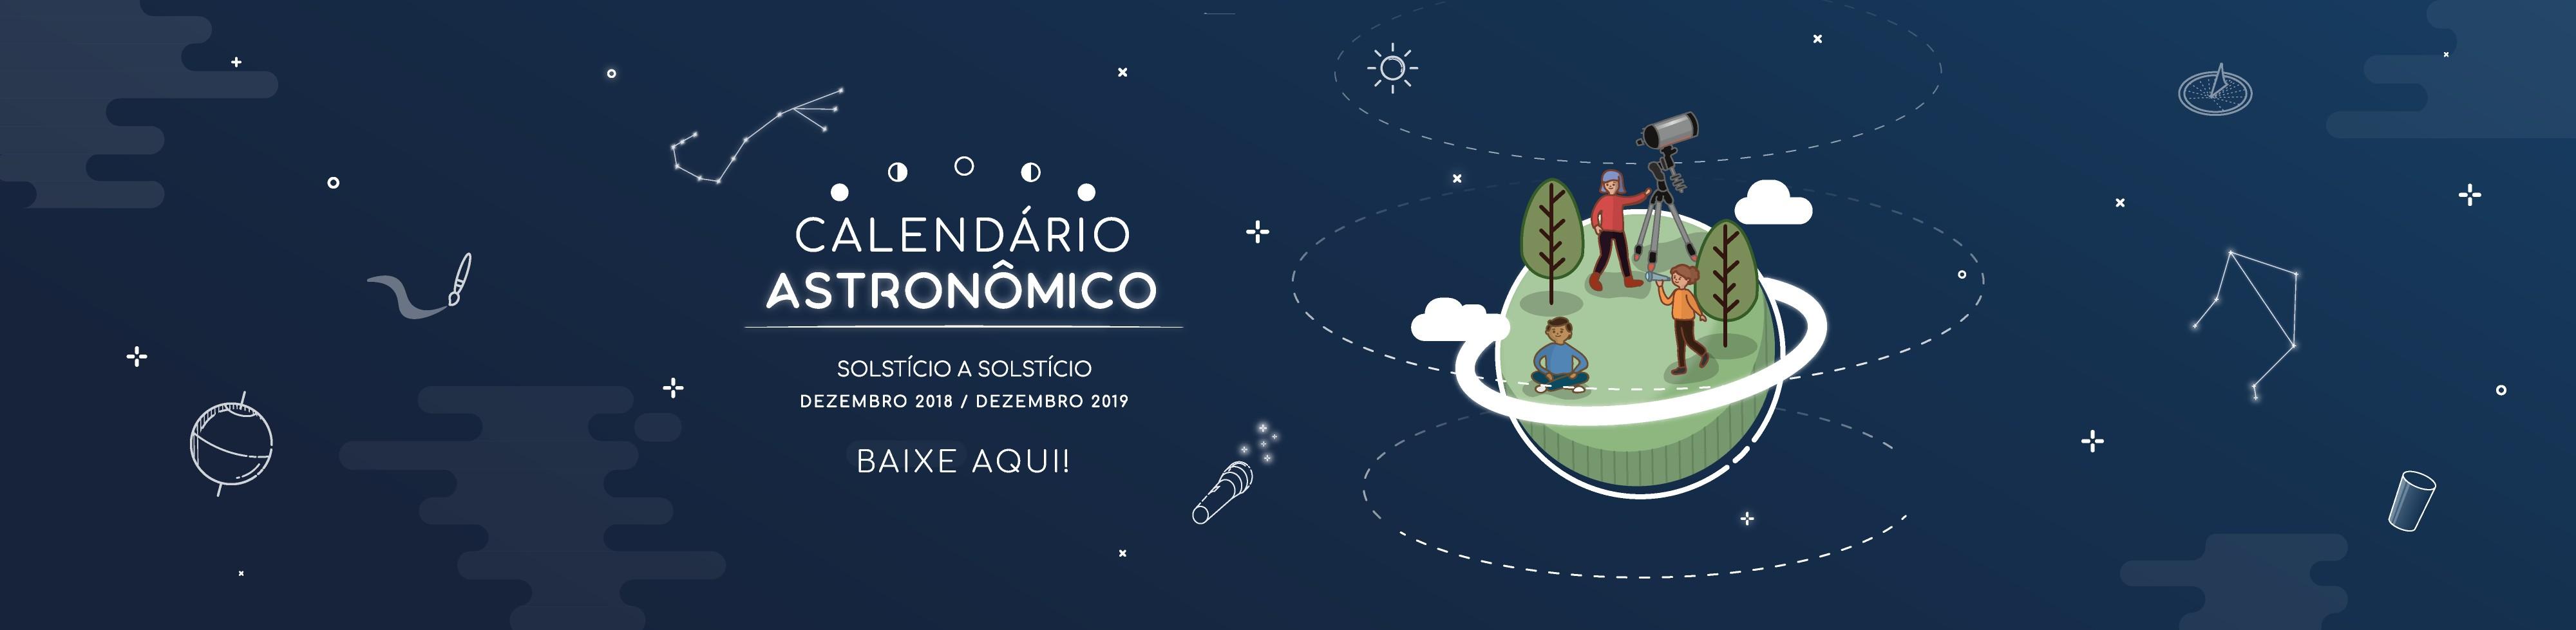 Calendário Astronômico Banner site Equipe de design Espaco do conhecimento 1